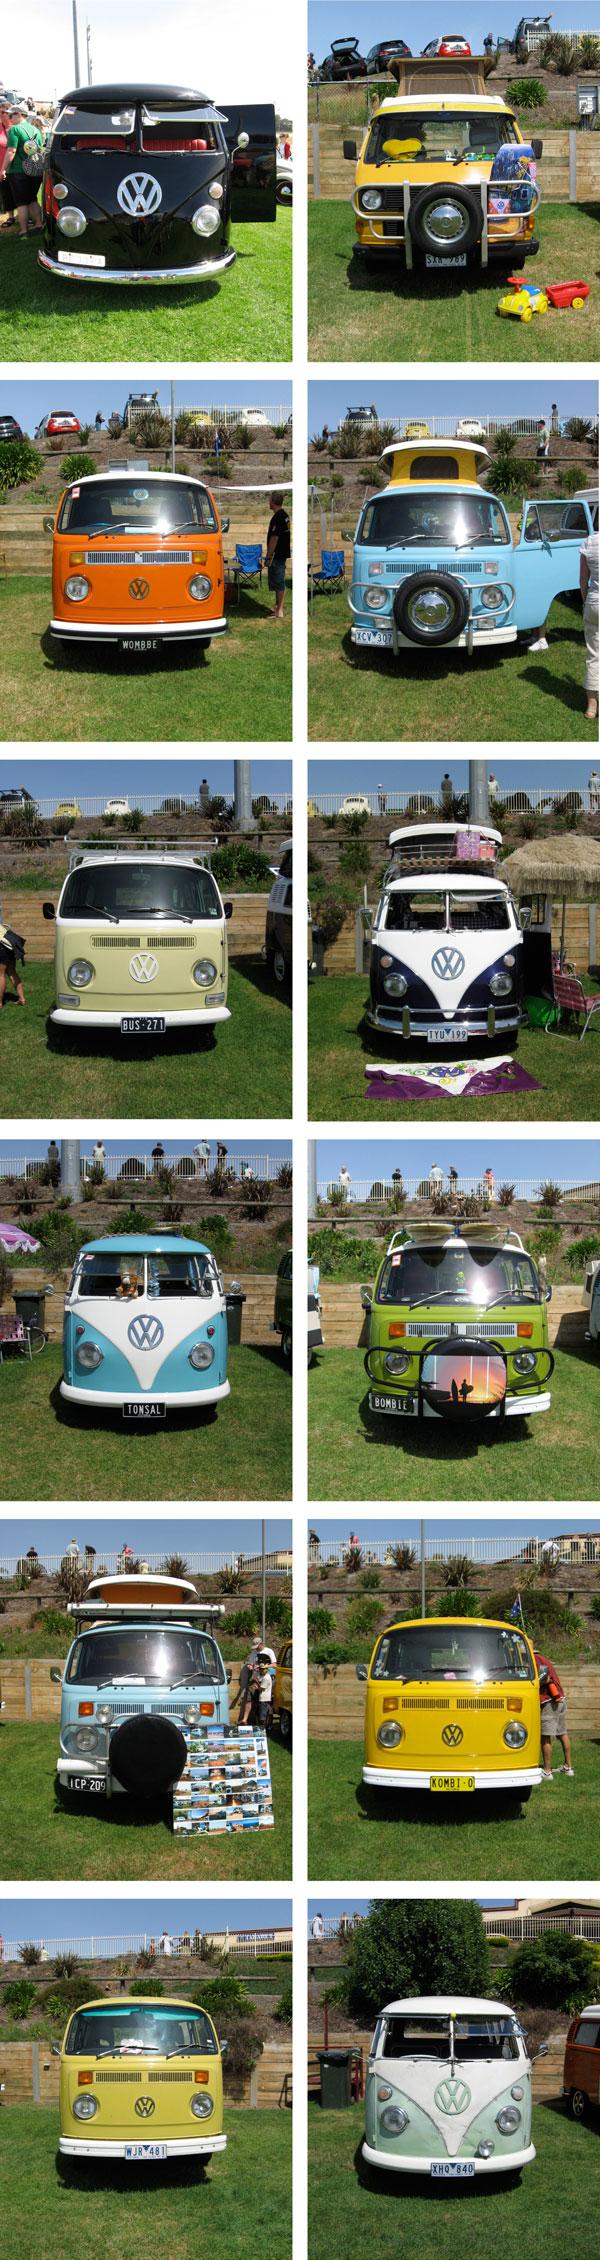 Kombi1-Top 100 Volkswagens